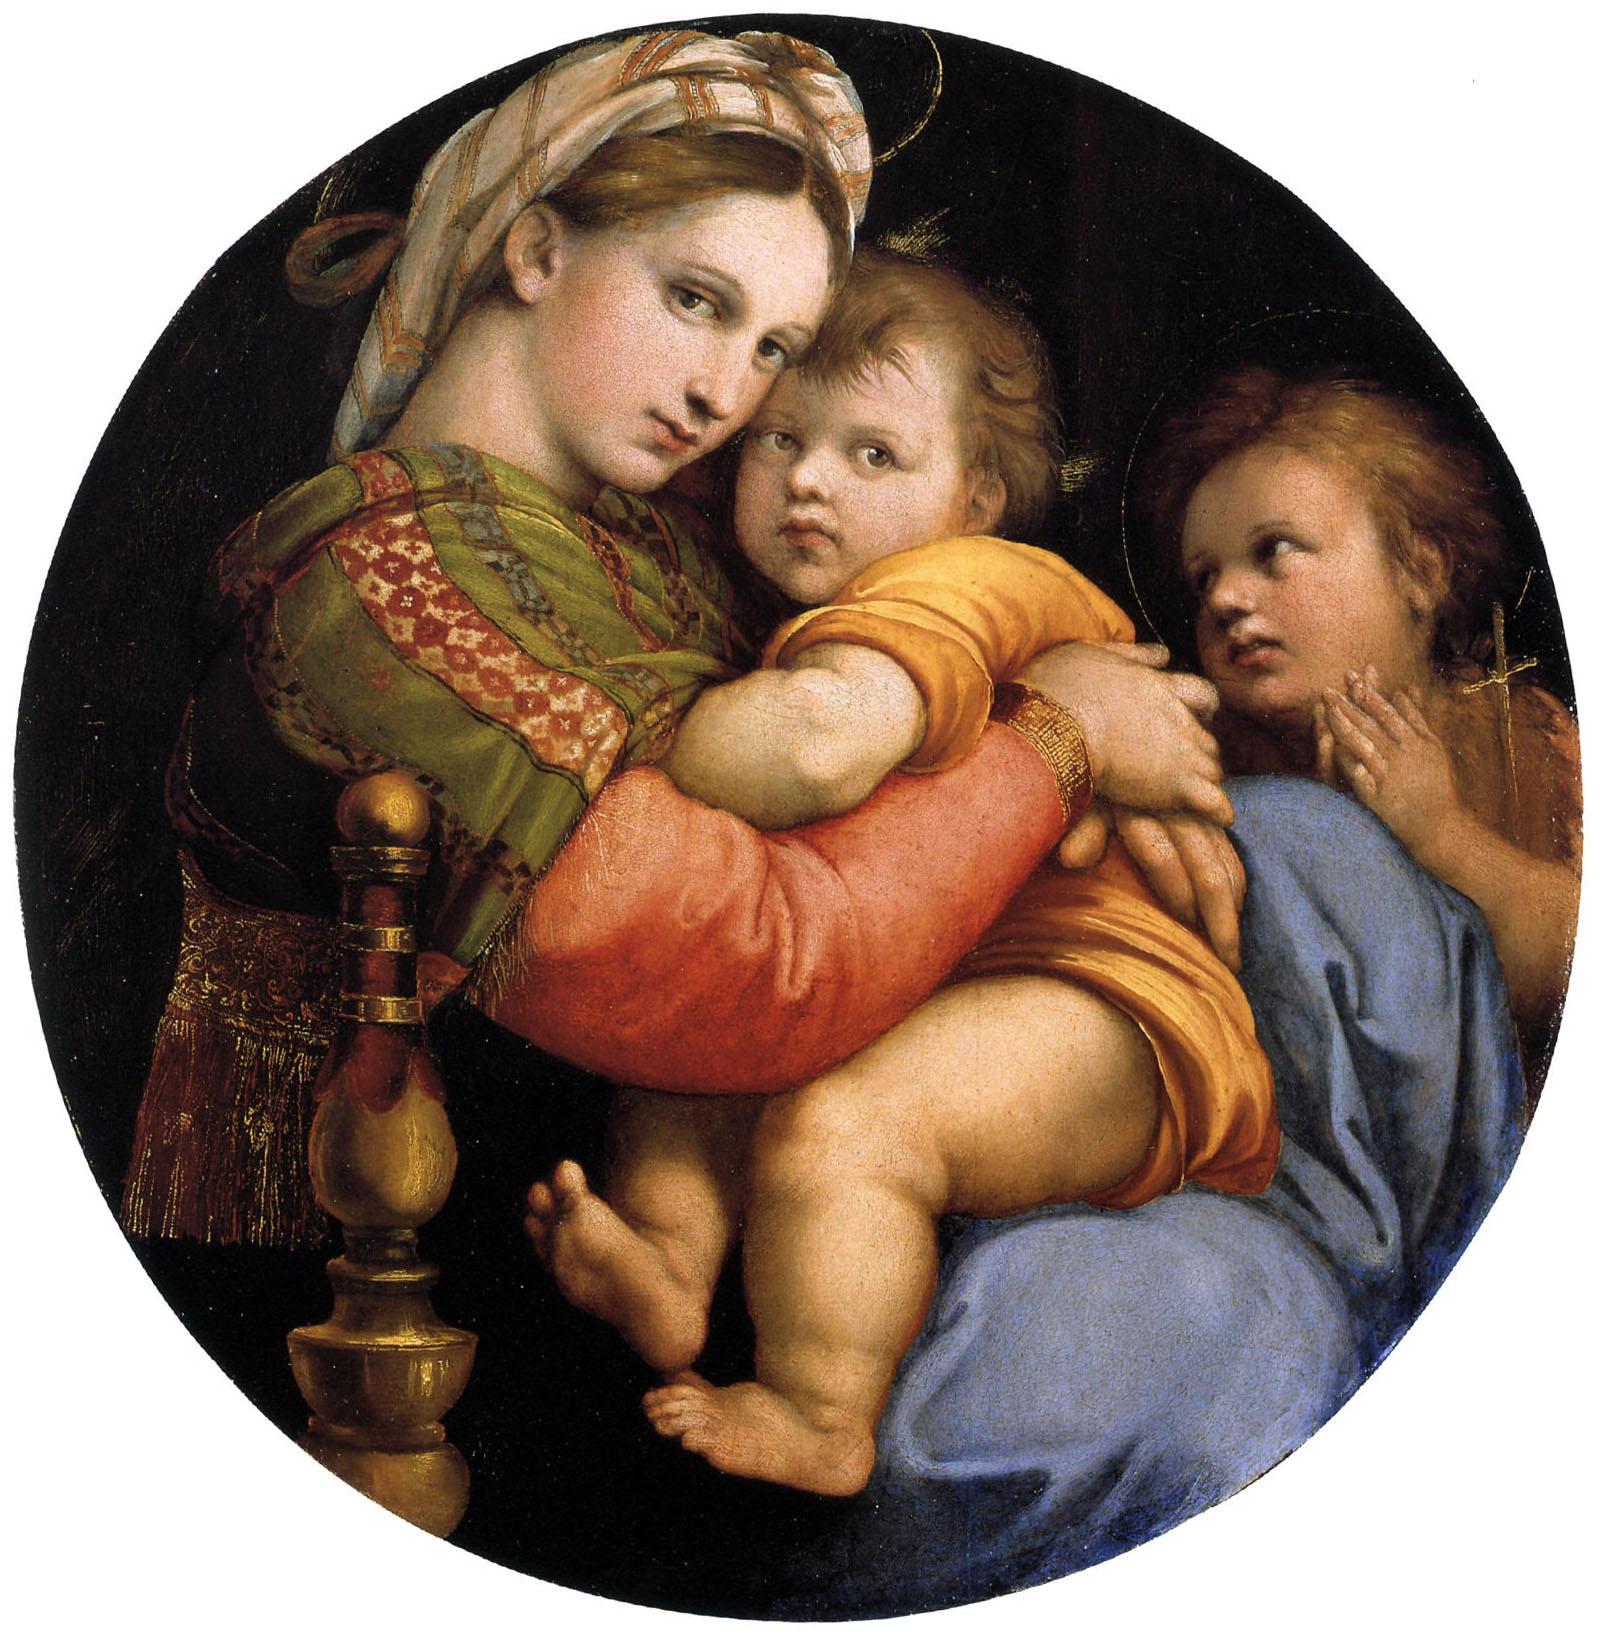 Raffaello Sanzio, Madonna della seggiola, 1513-1514, Galleria Palazzo Pitti, Firenze